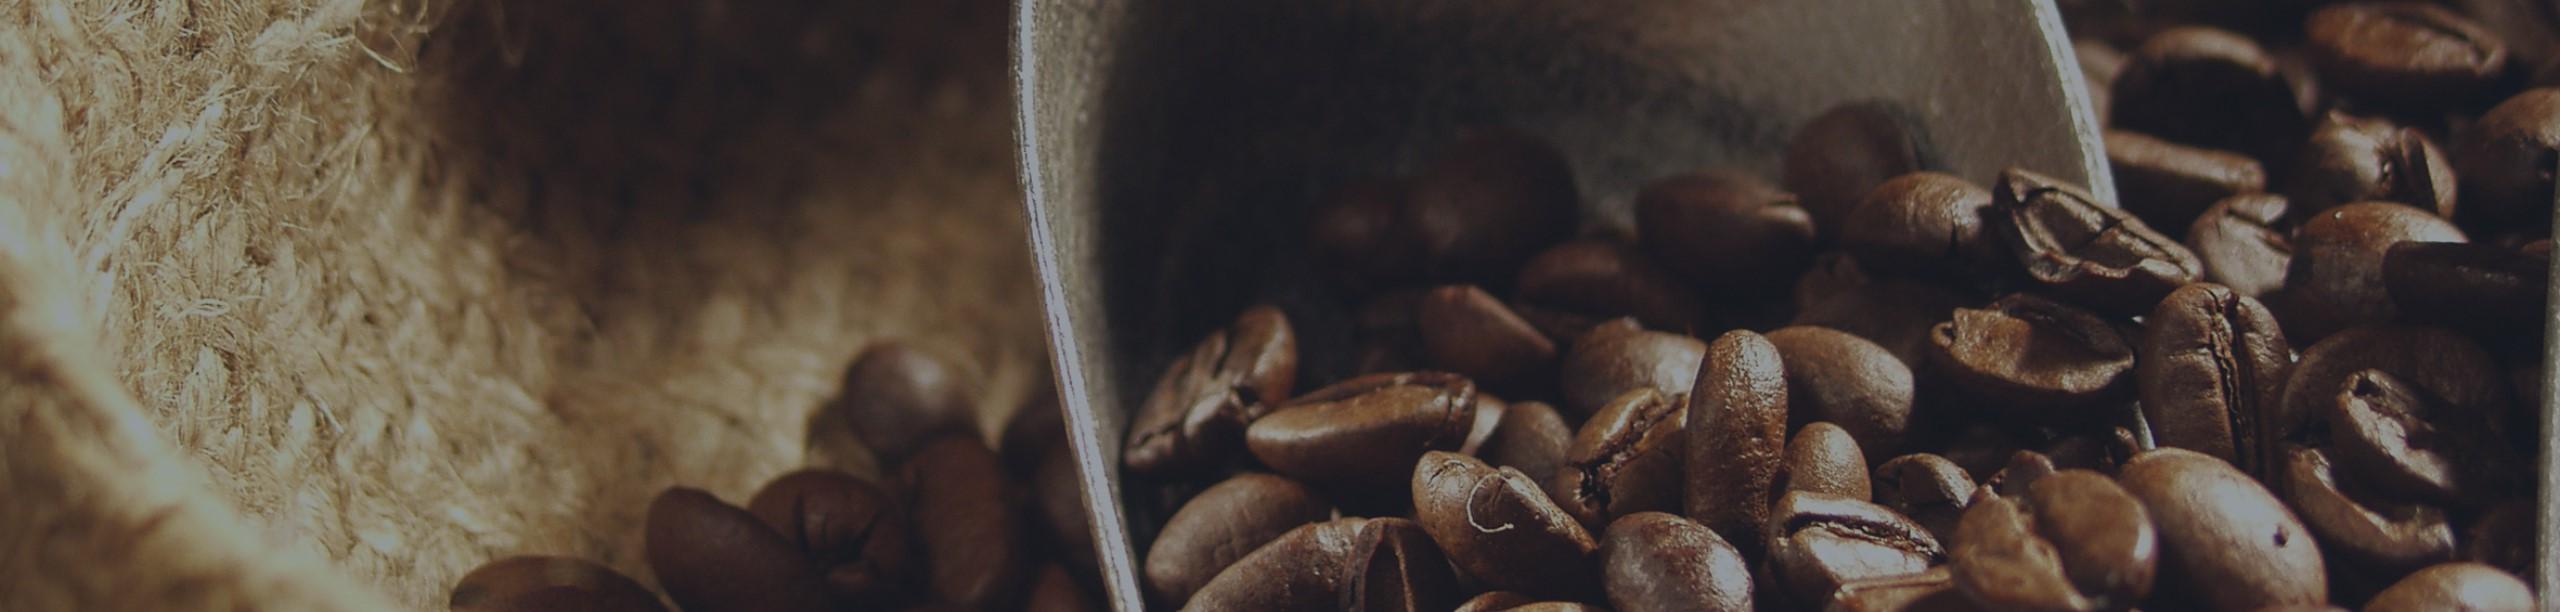 Coffee1-7